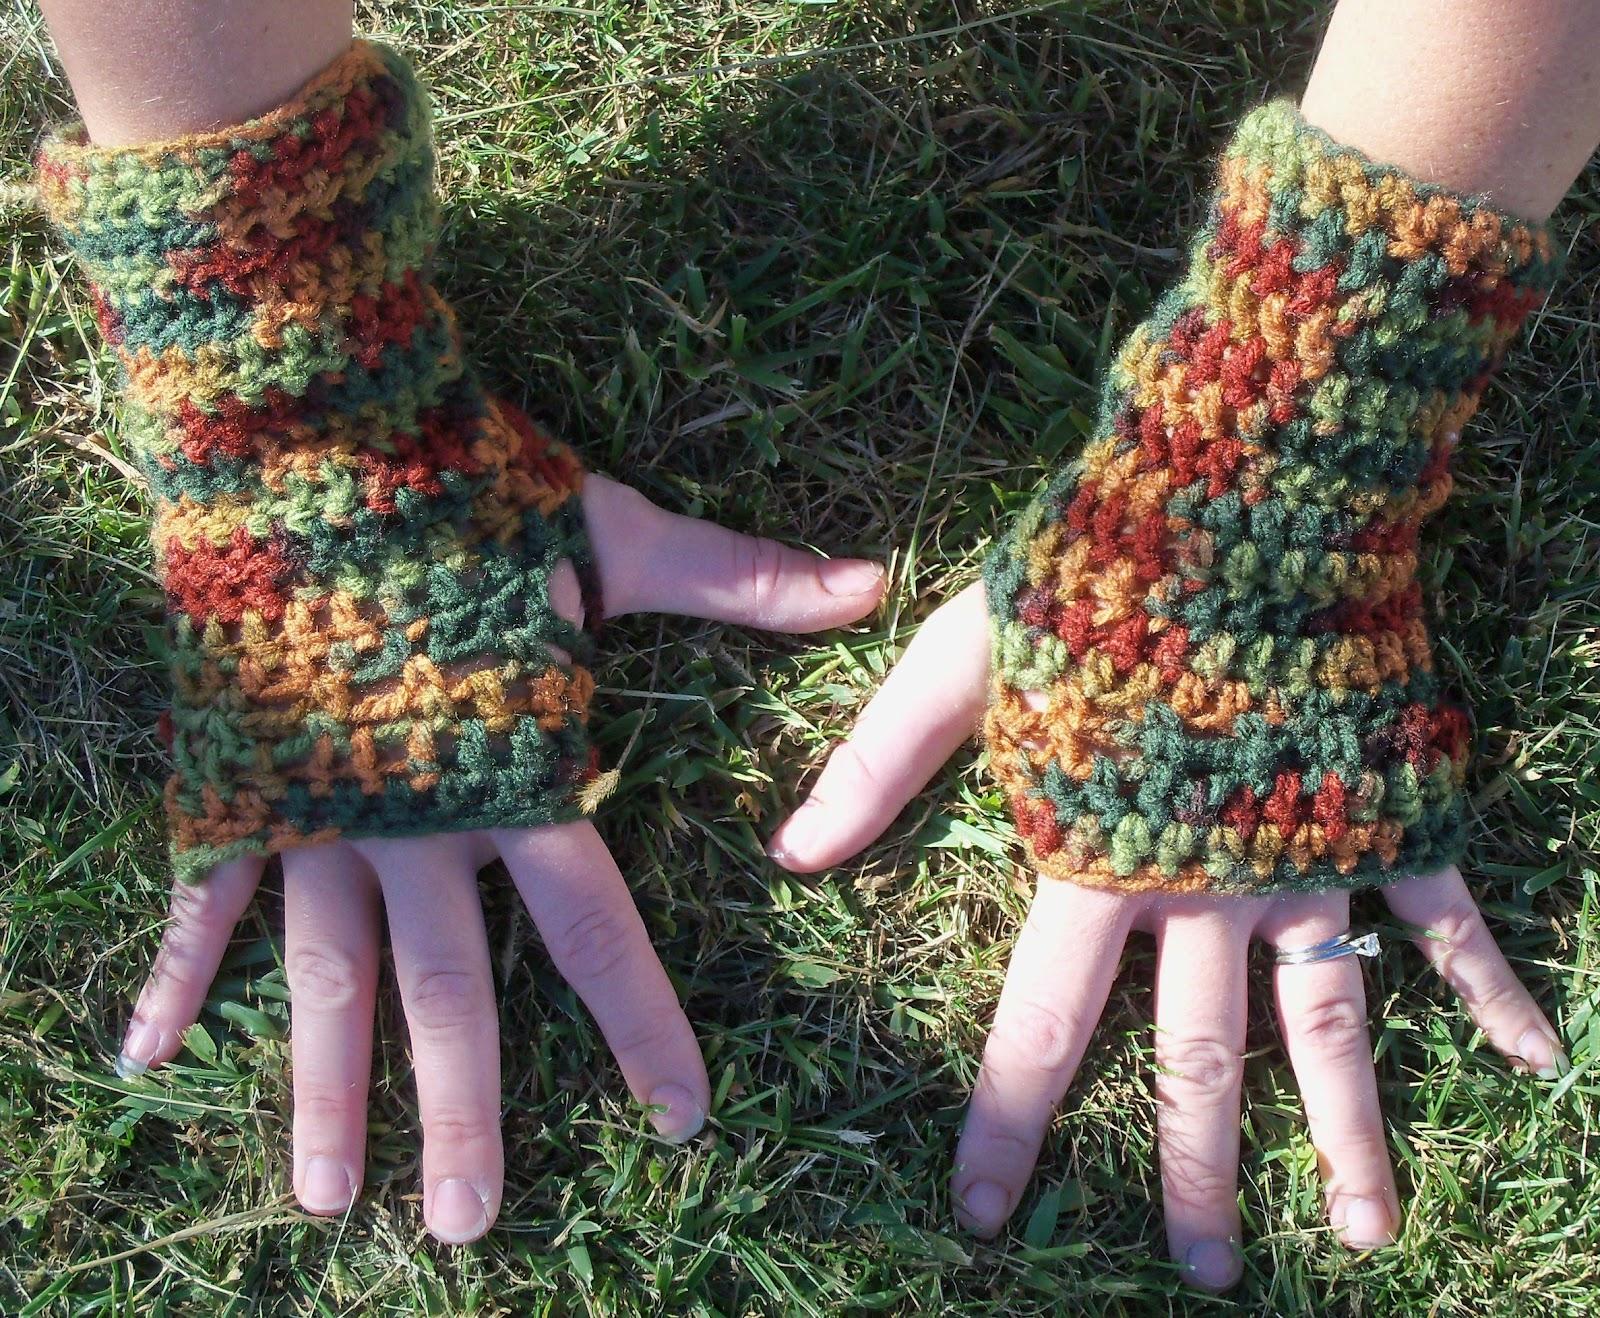 Fingerless gloves crochet pattern for beginners - The Easiest Fingerless Glove Crochet Pattern Ever